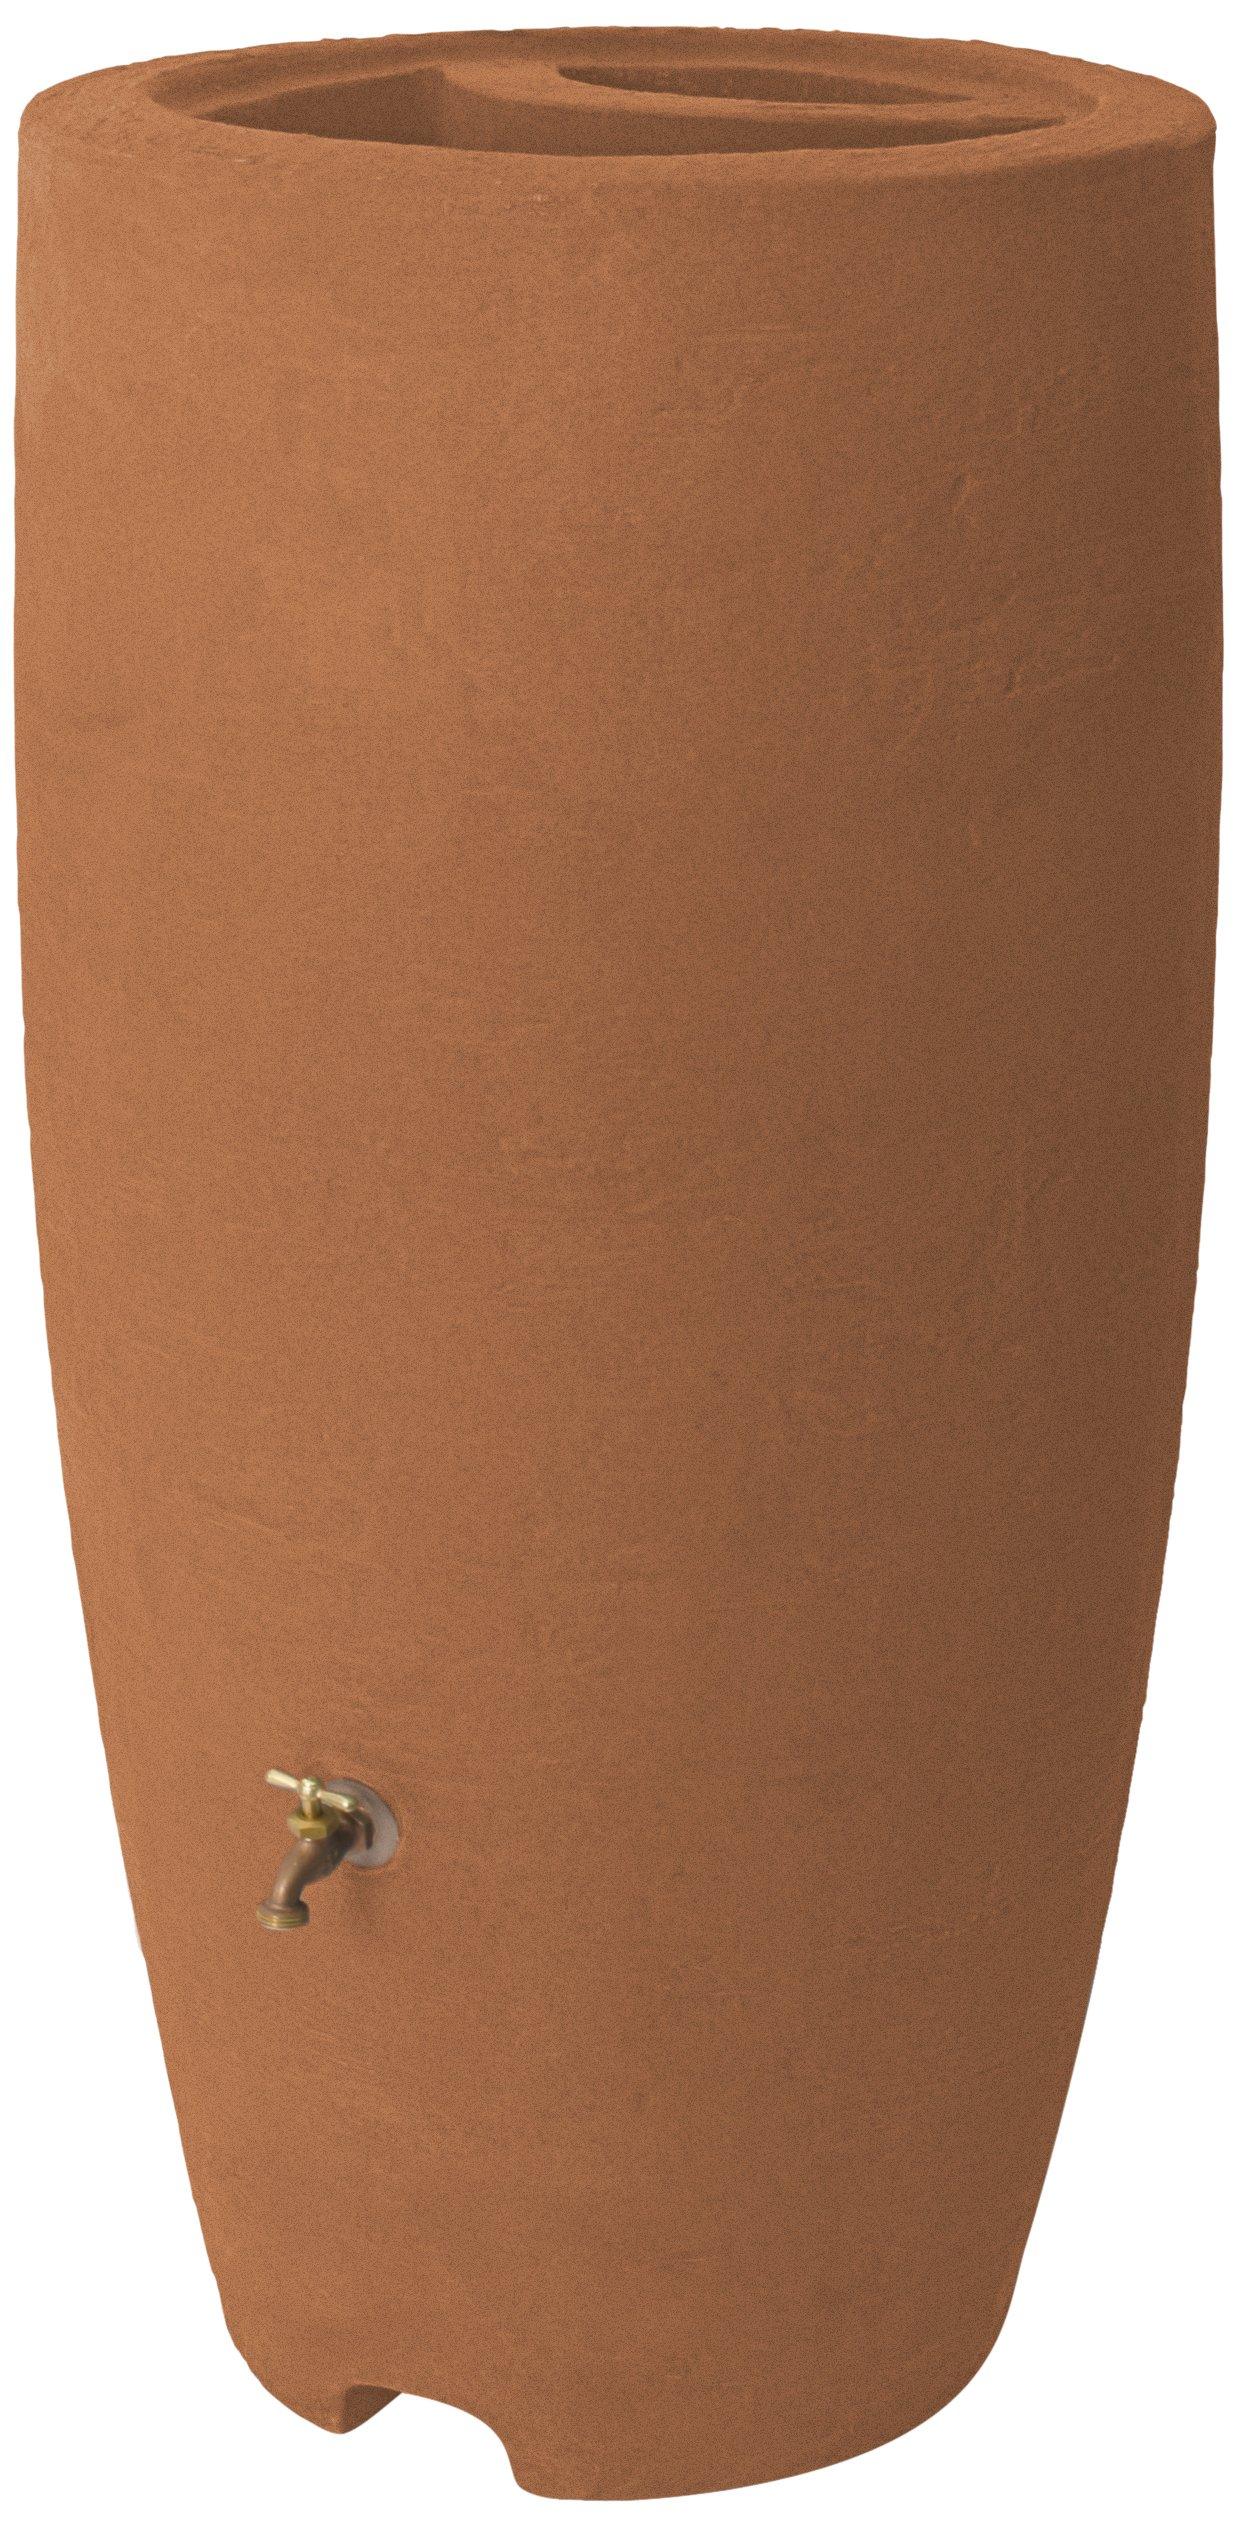 Algreen Products Athena Rain Barrel 80-Gallon, Terra Cotta by Algreen